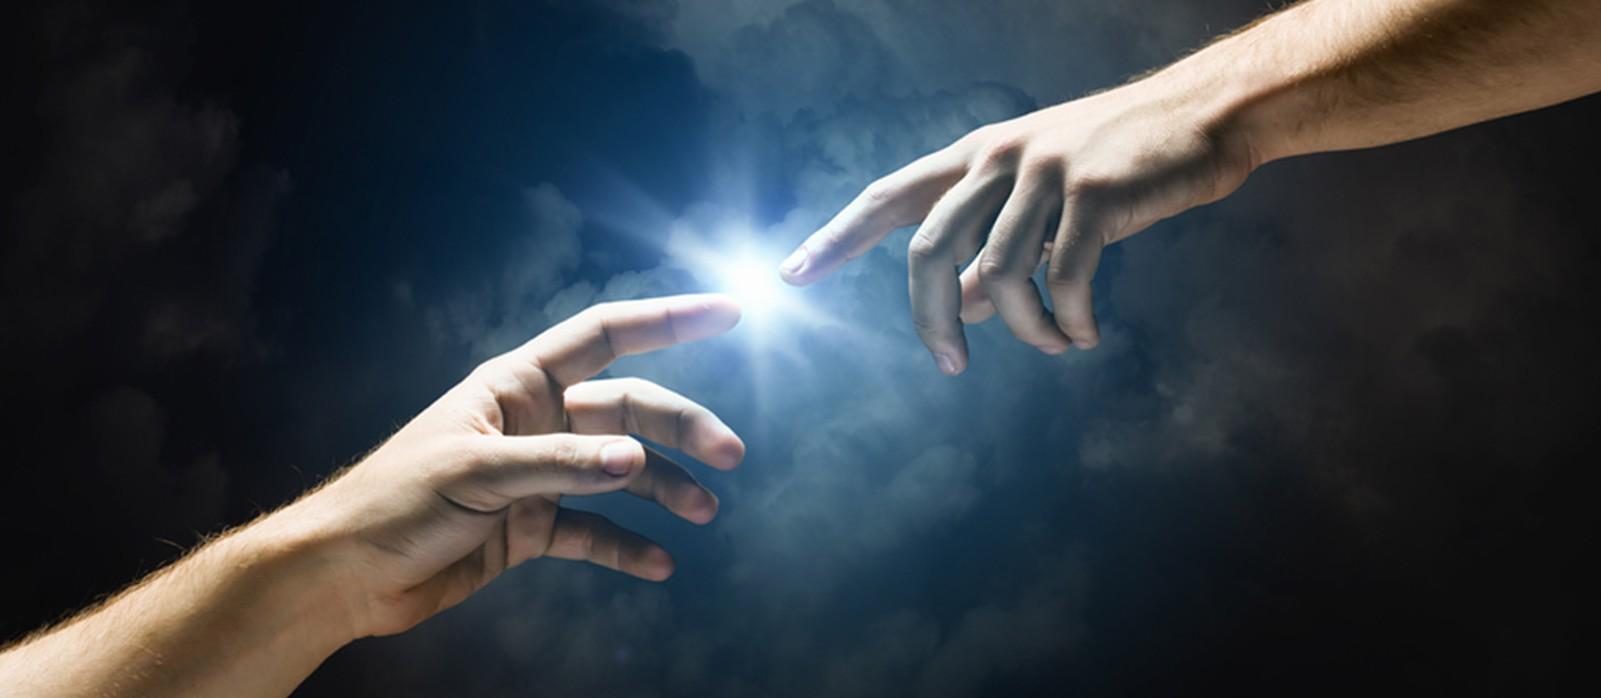 ¿Hay alguna Posibilidad que Dios No Haya Creado Todo lo que Existe?